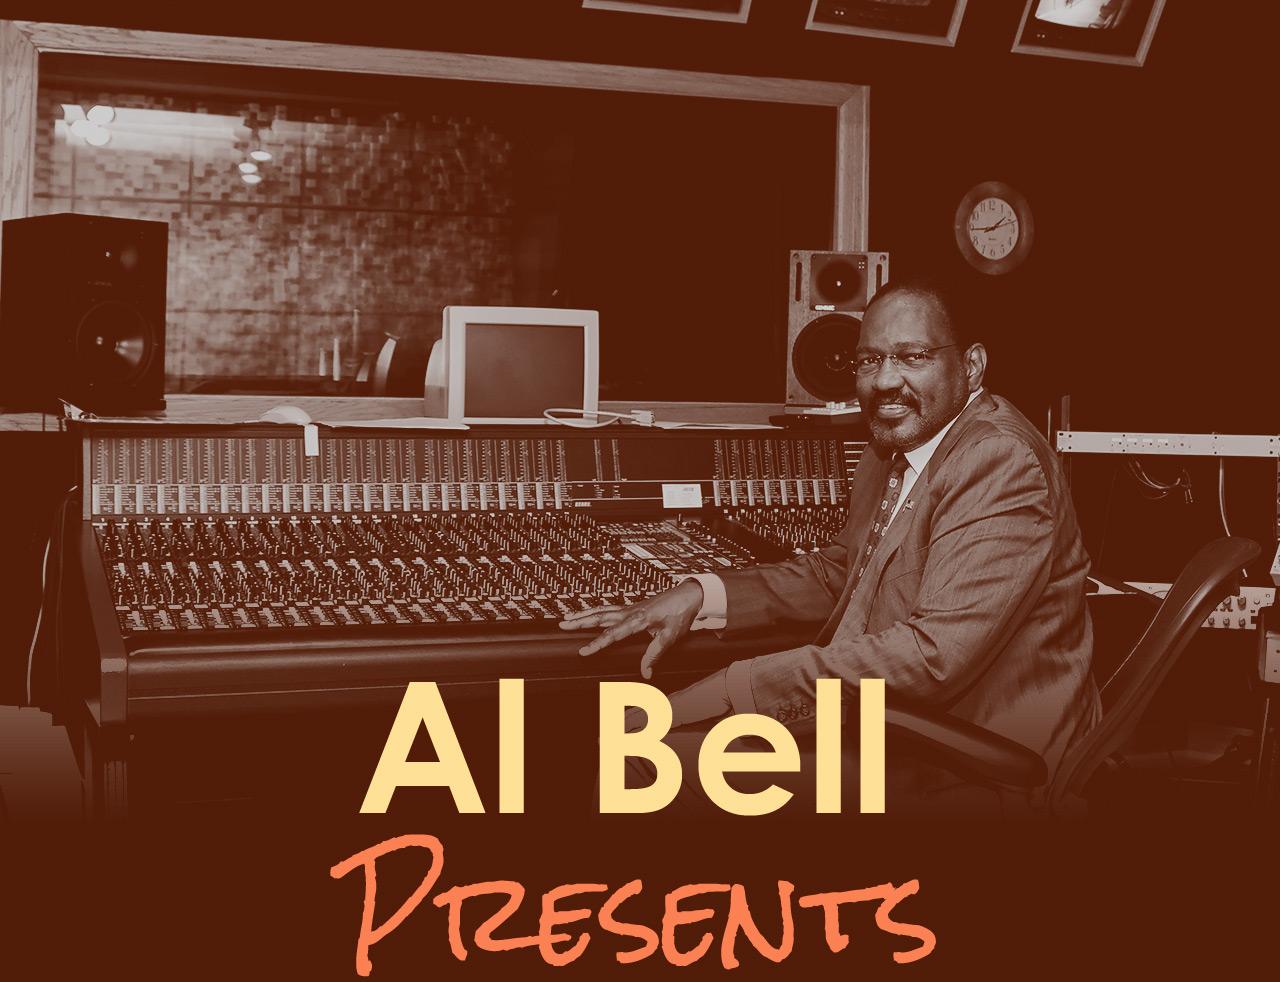 Al Bell Presents